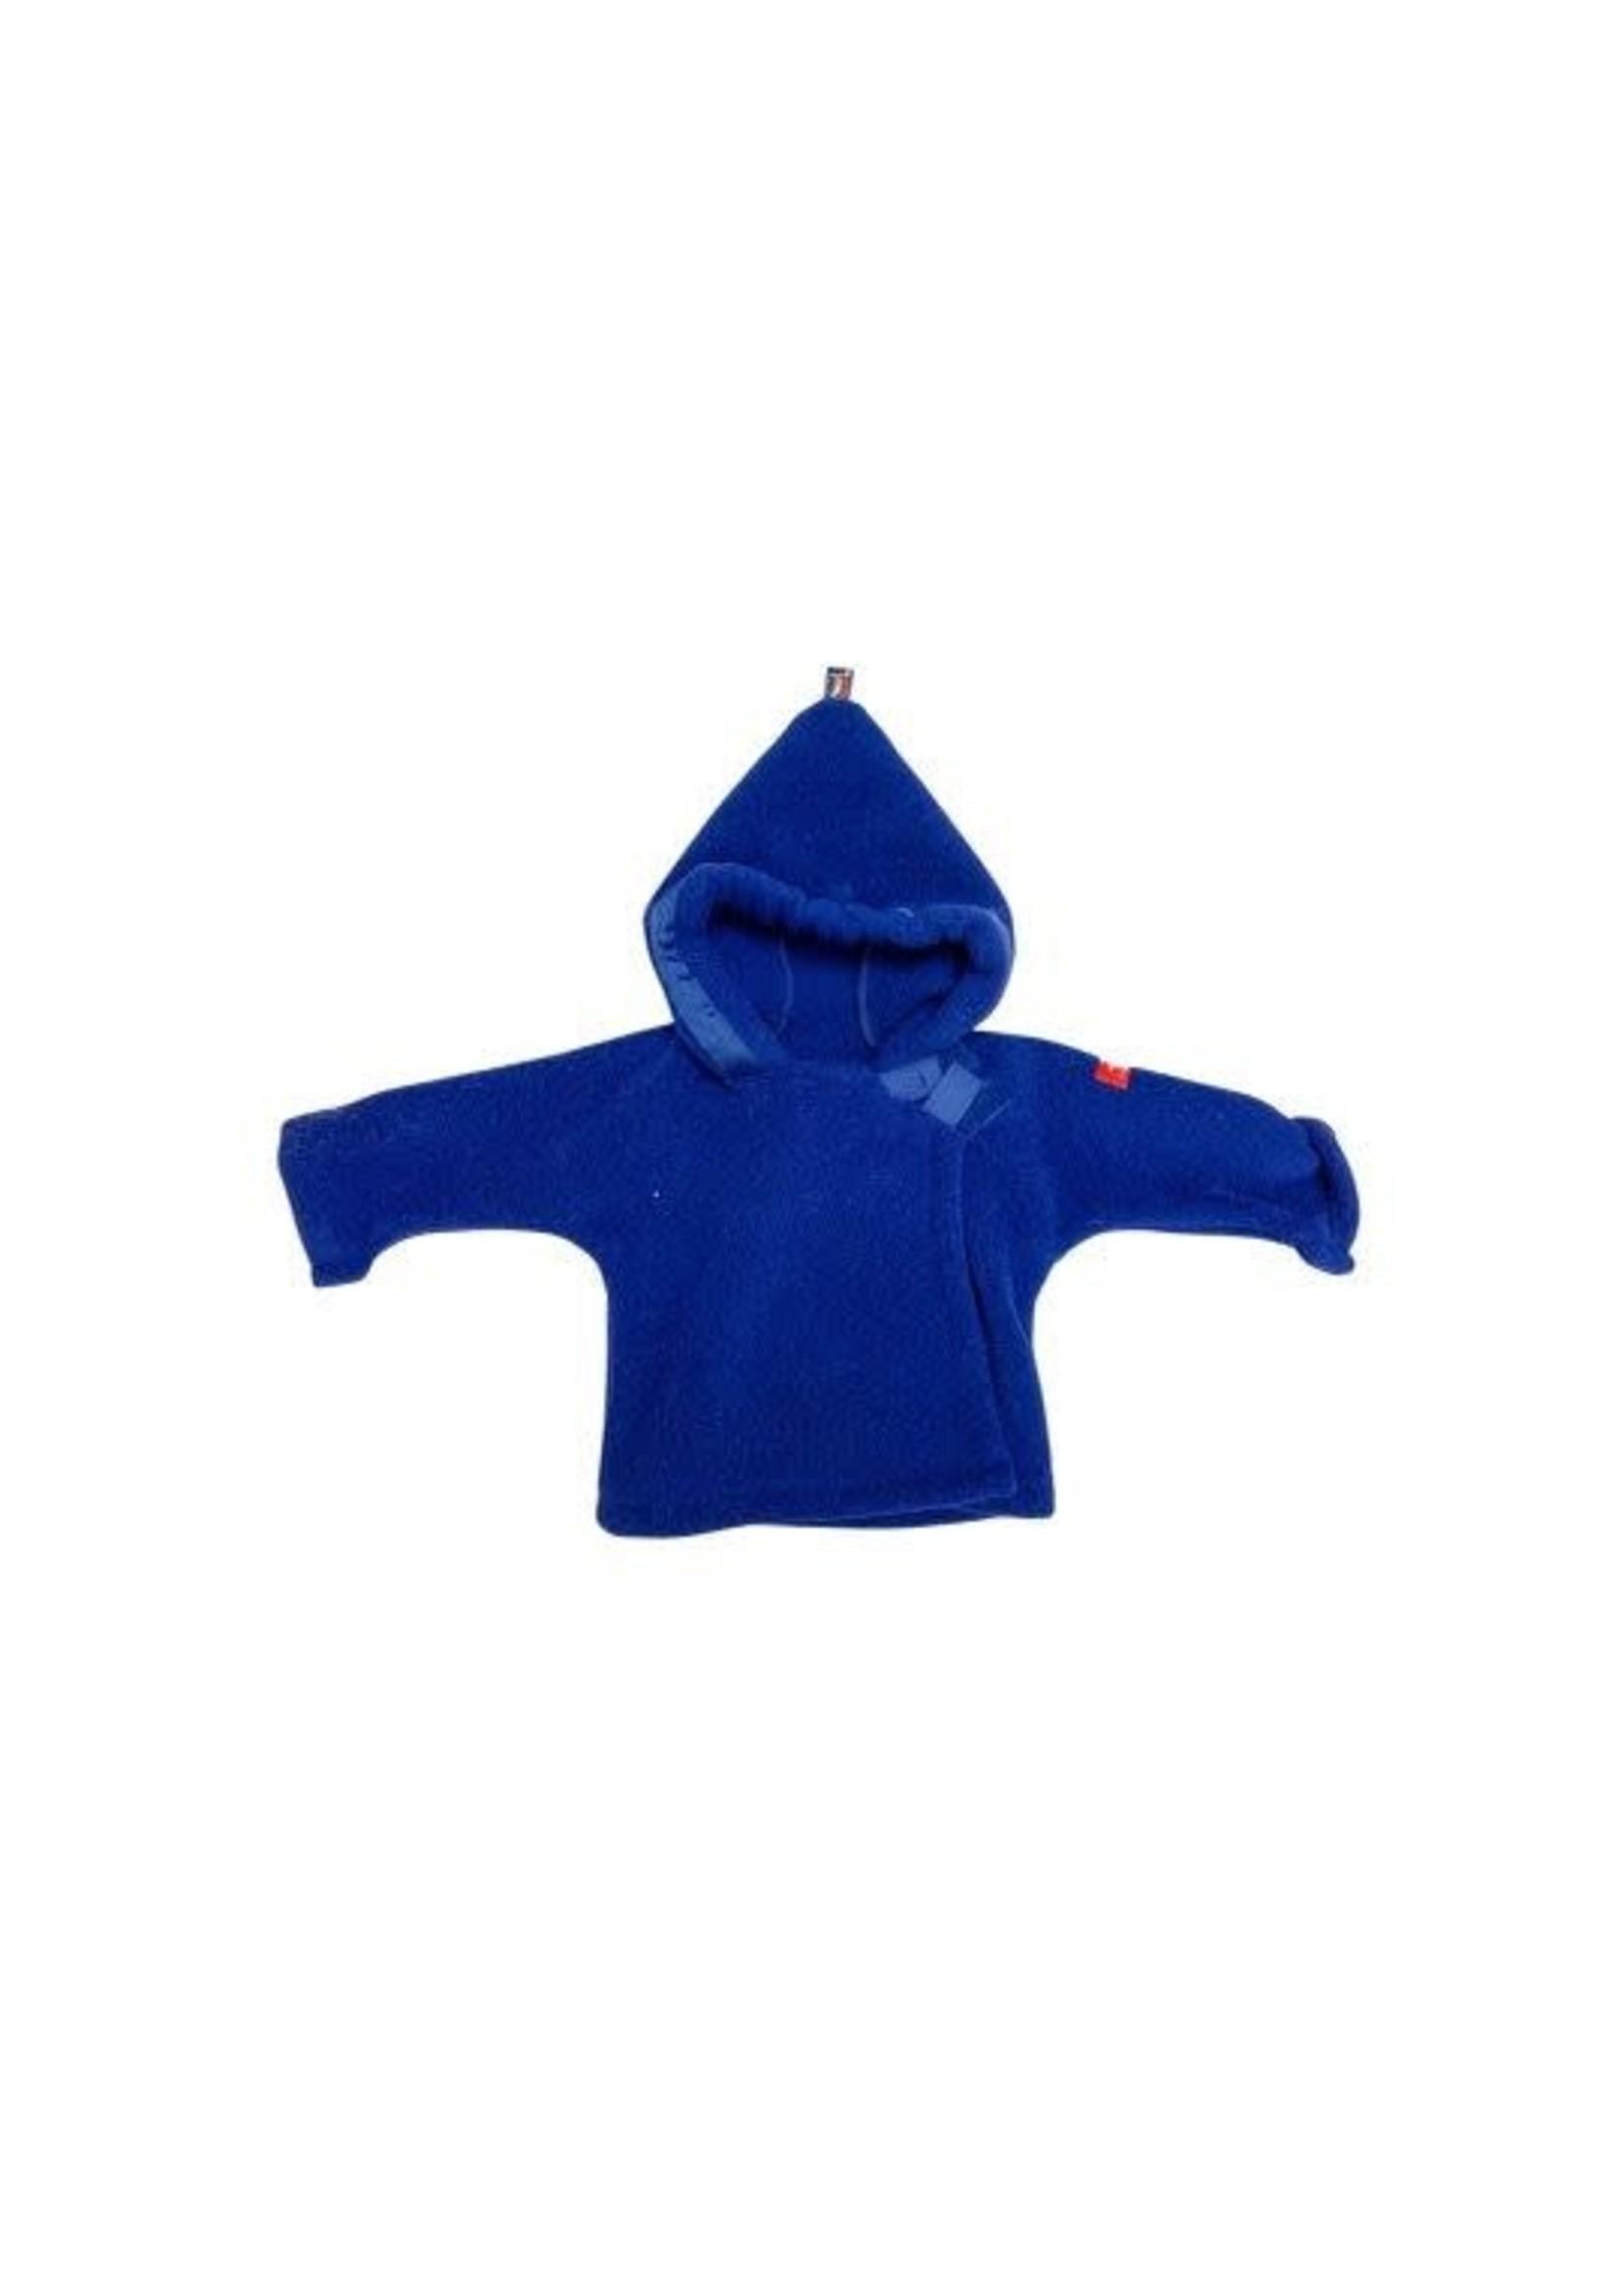 Widgeon Widgeon coat